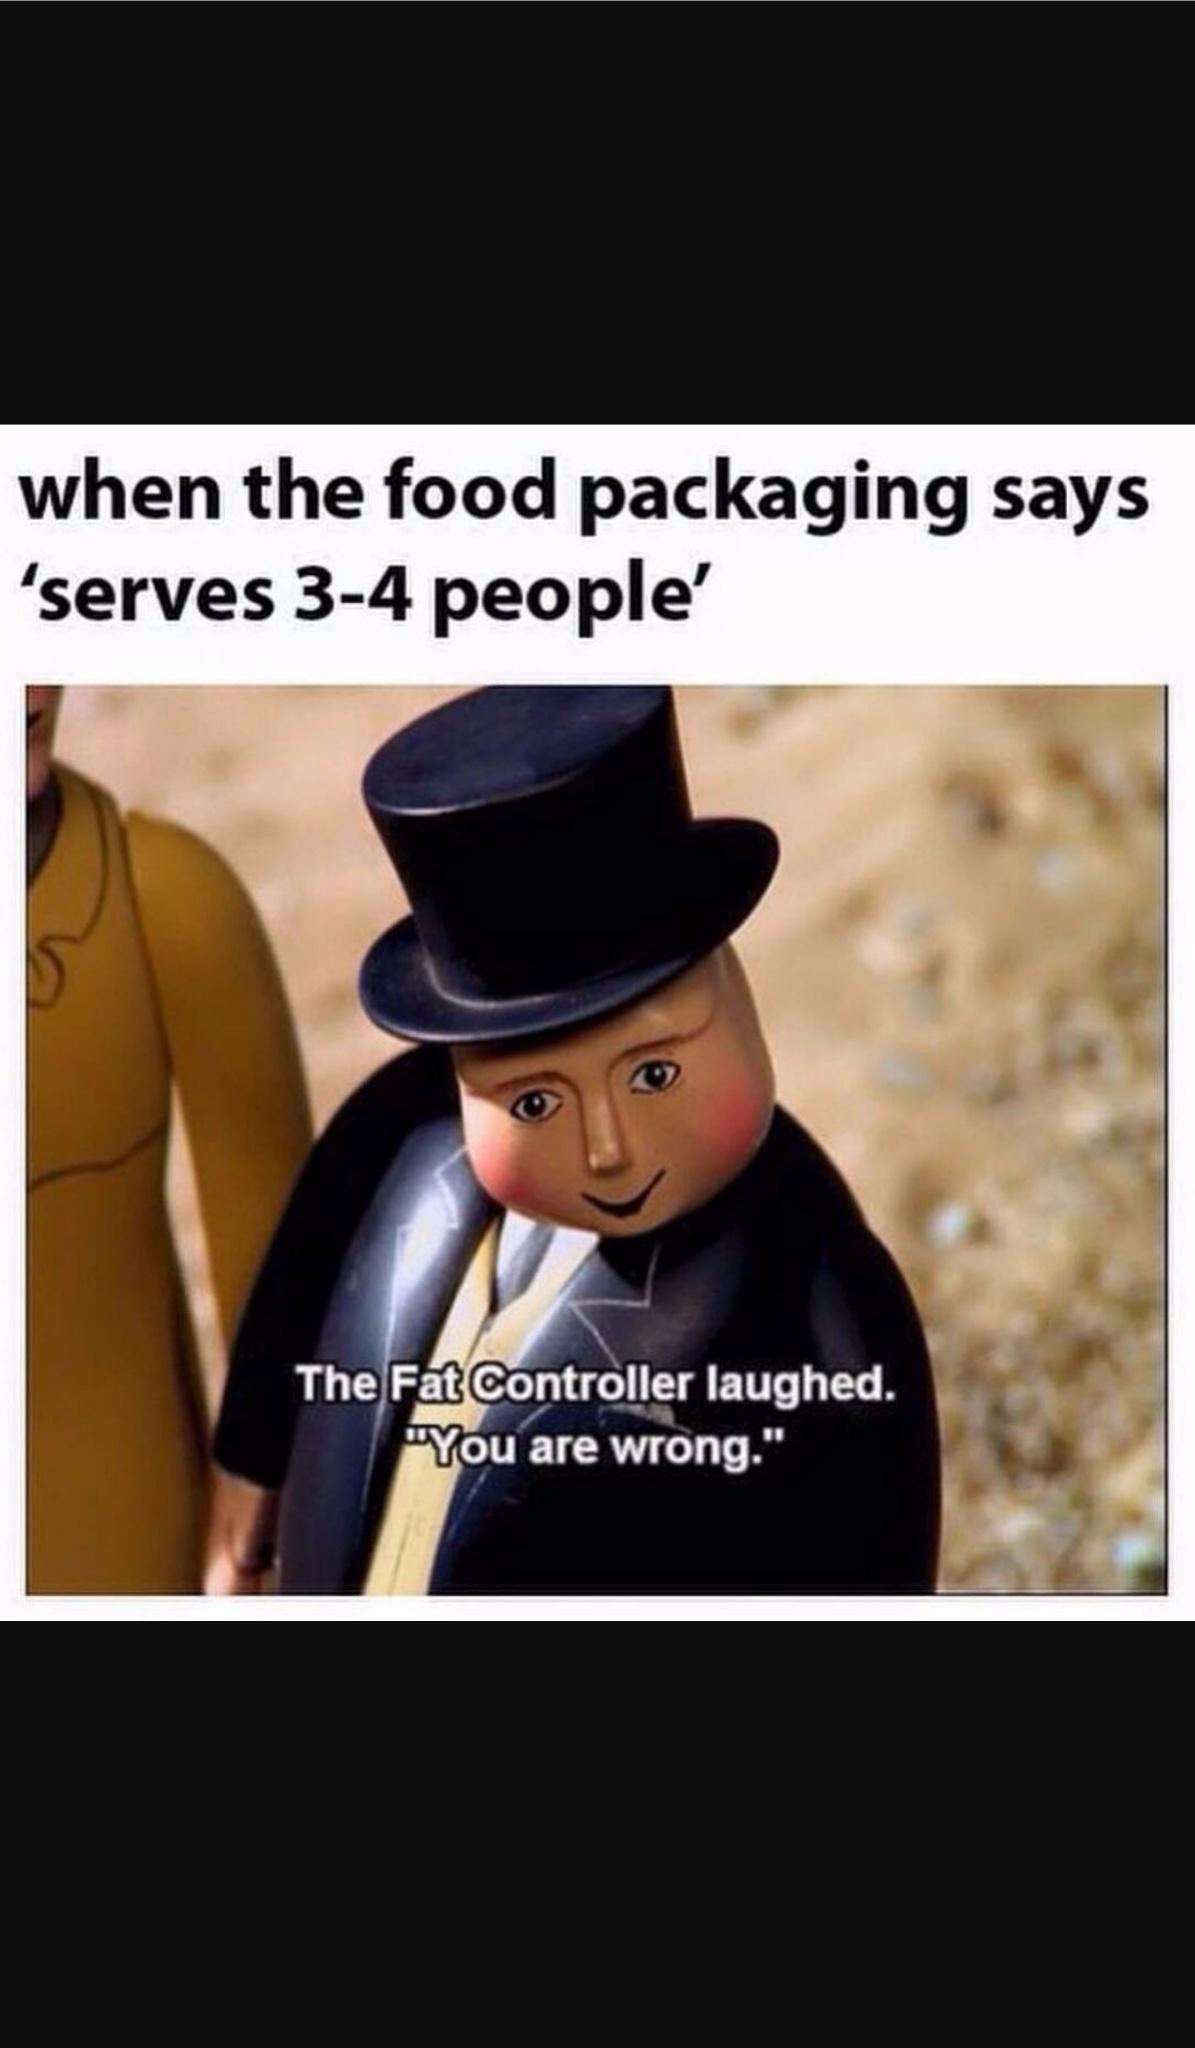 Comment somethimg random on the next meme ->